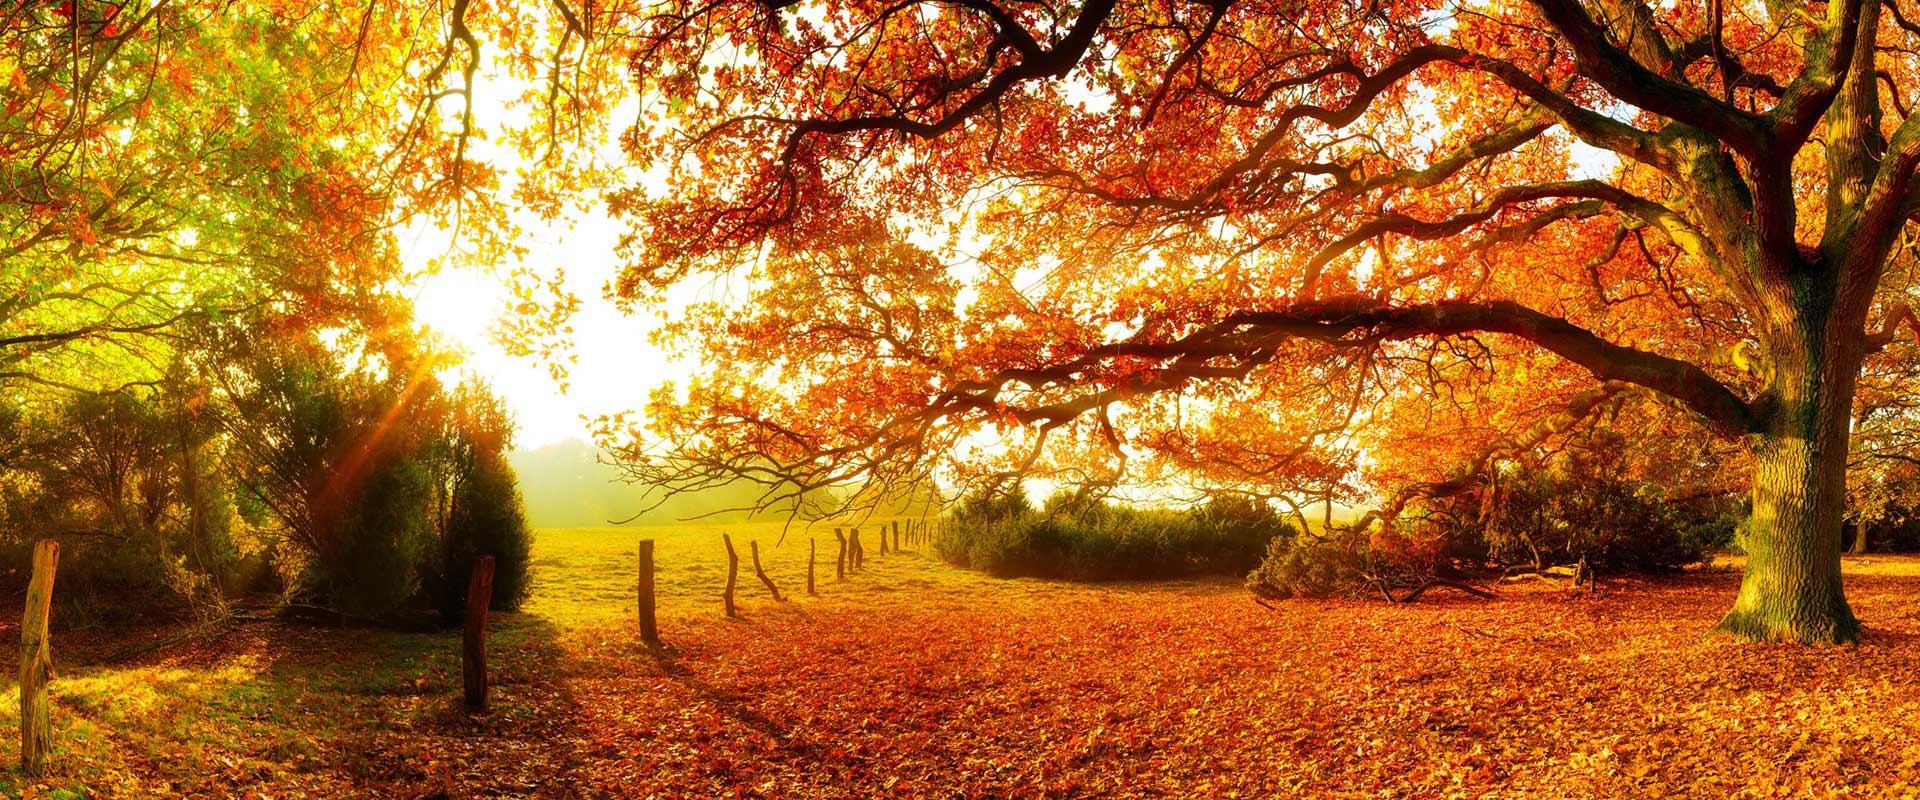 Die Farbenpracht des Herbstes